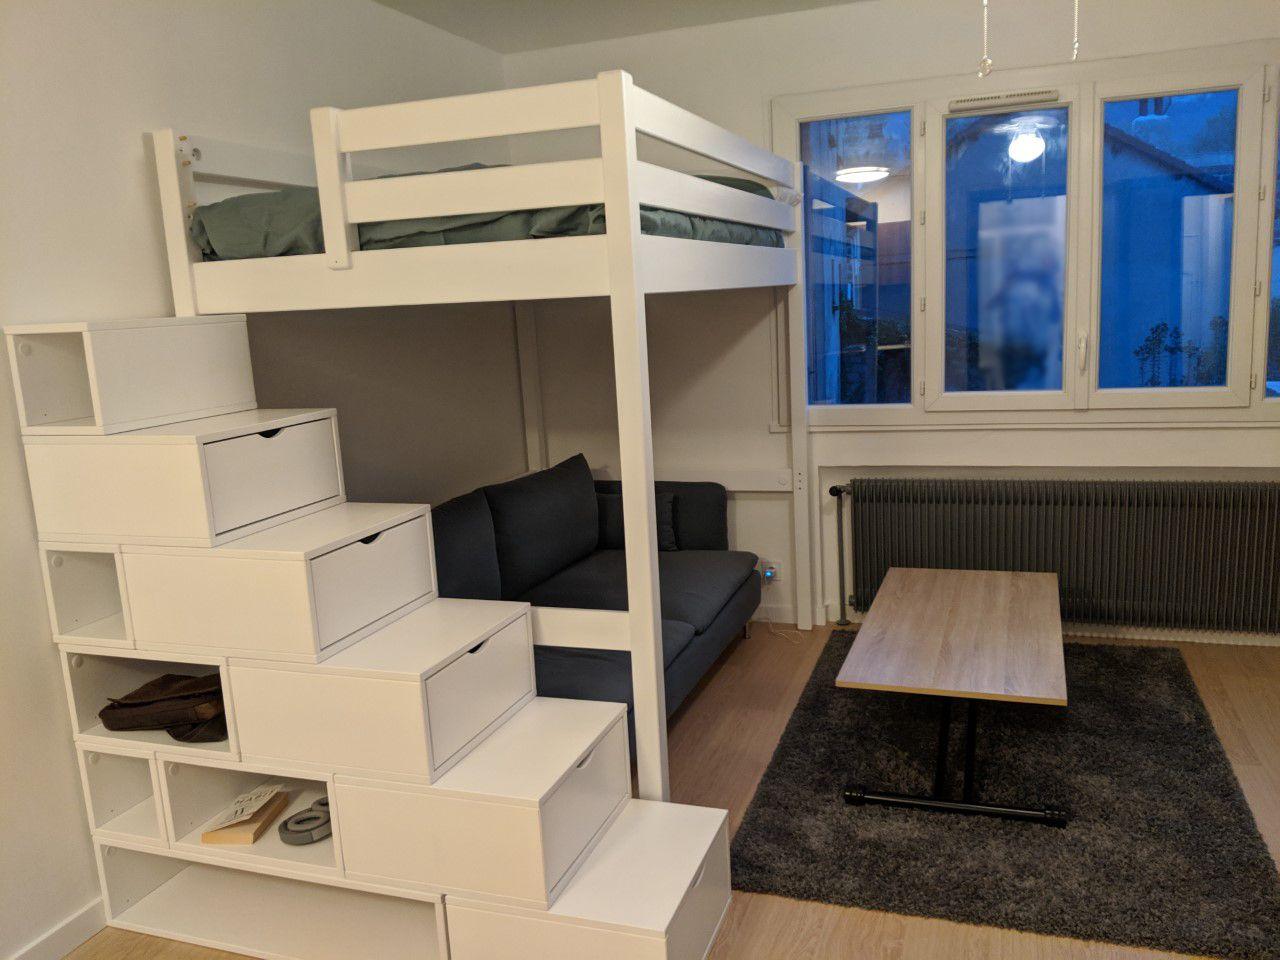 Mezzanine Avec Escalier Cube De Rangement Lit Mezzanine Chambre Ado Lit Chambre Ado Lit Mezzanine